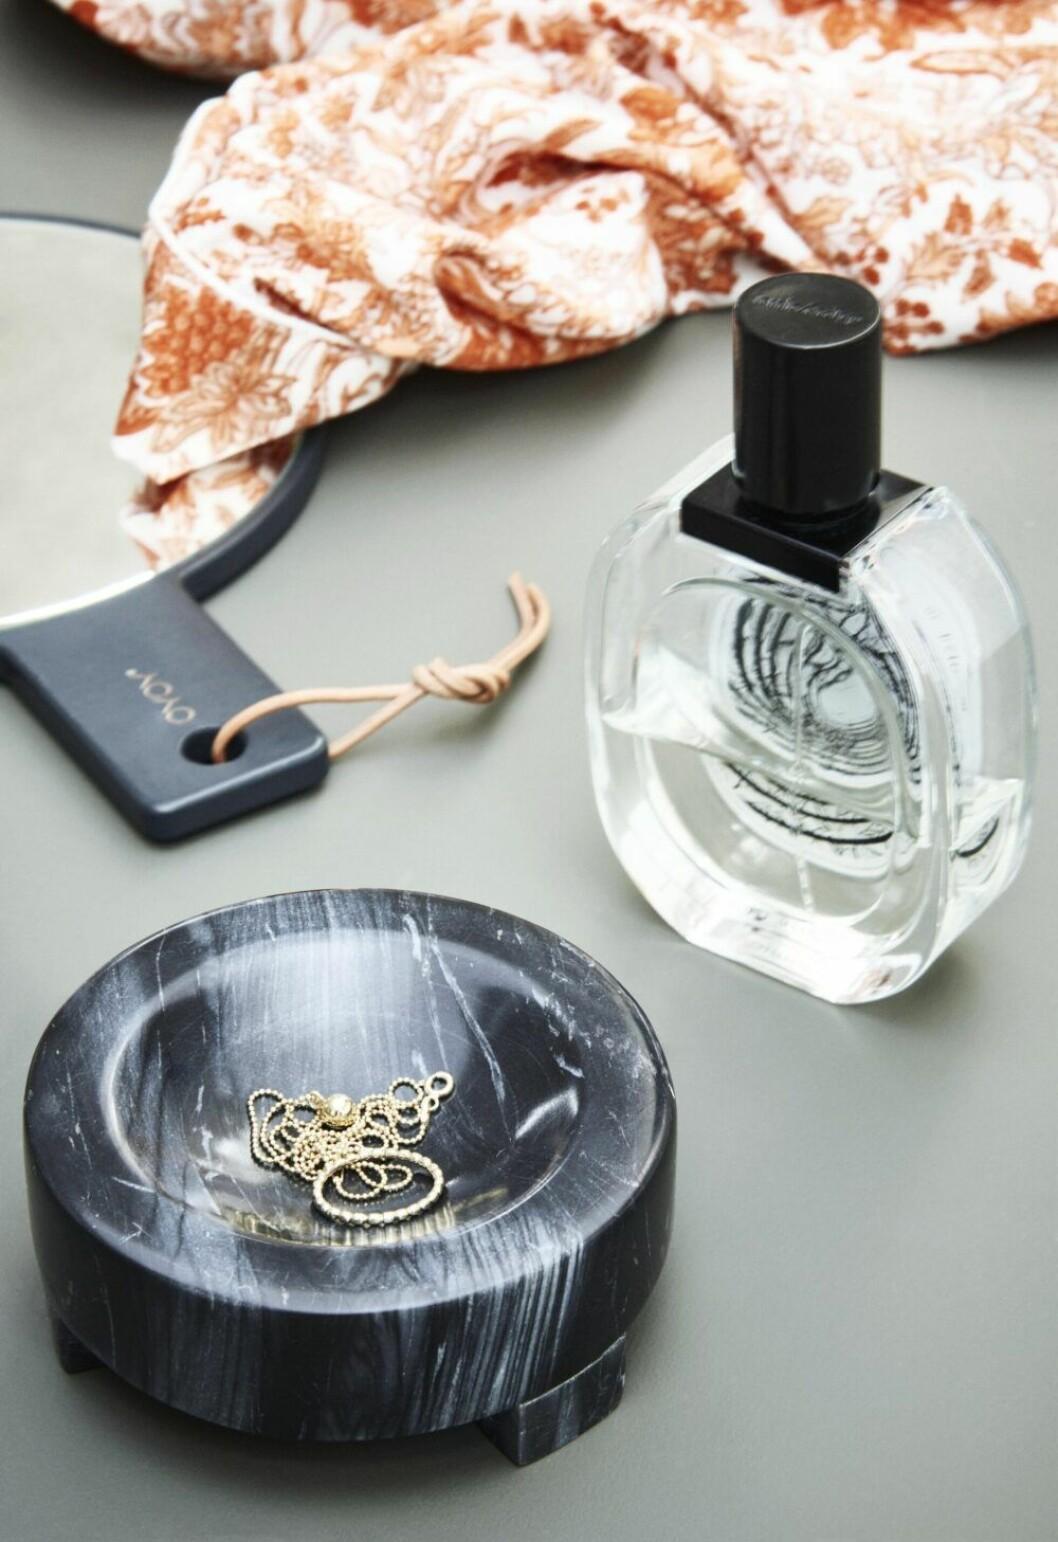 Visa upp fina smycken i en skål i badrummet